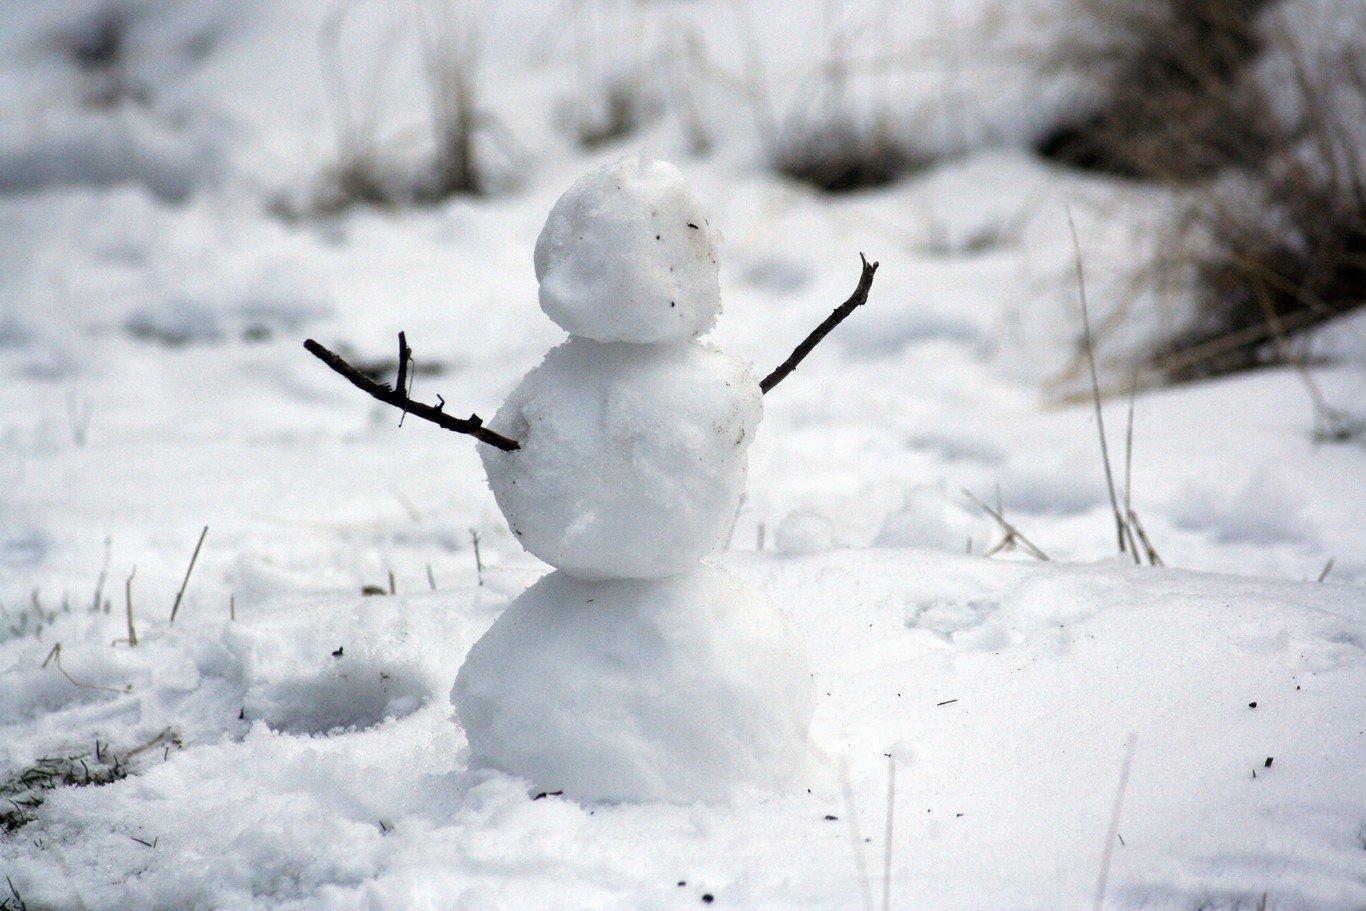 Cómo hacer el muñeco de nieve perfecto: estos son los trucos que nos enseñan las leyes de la física